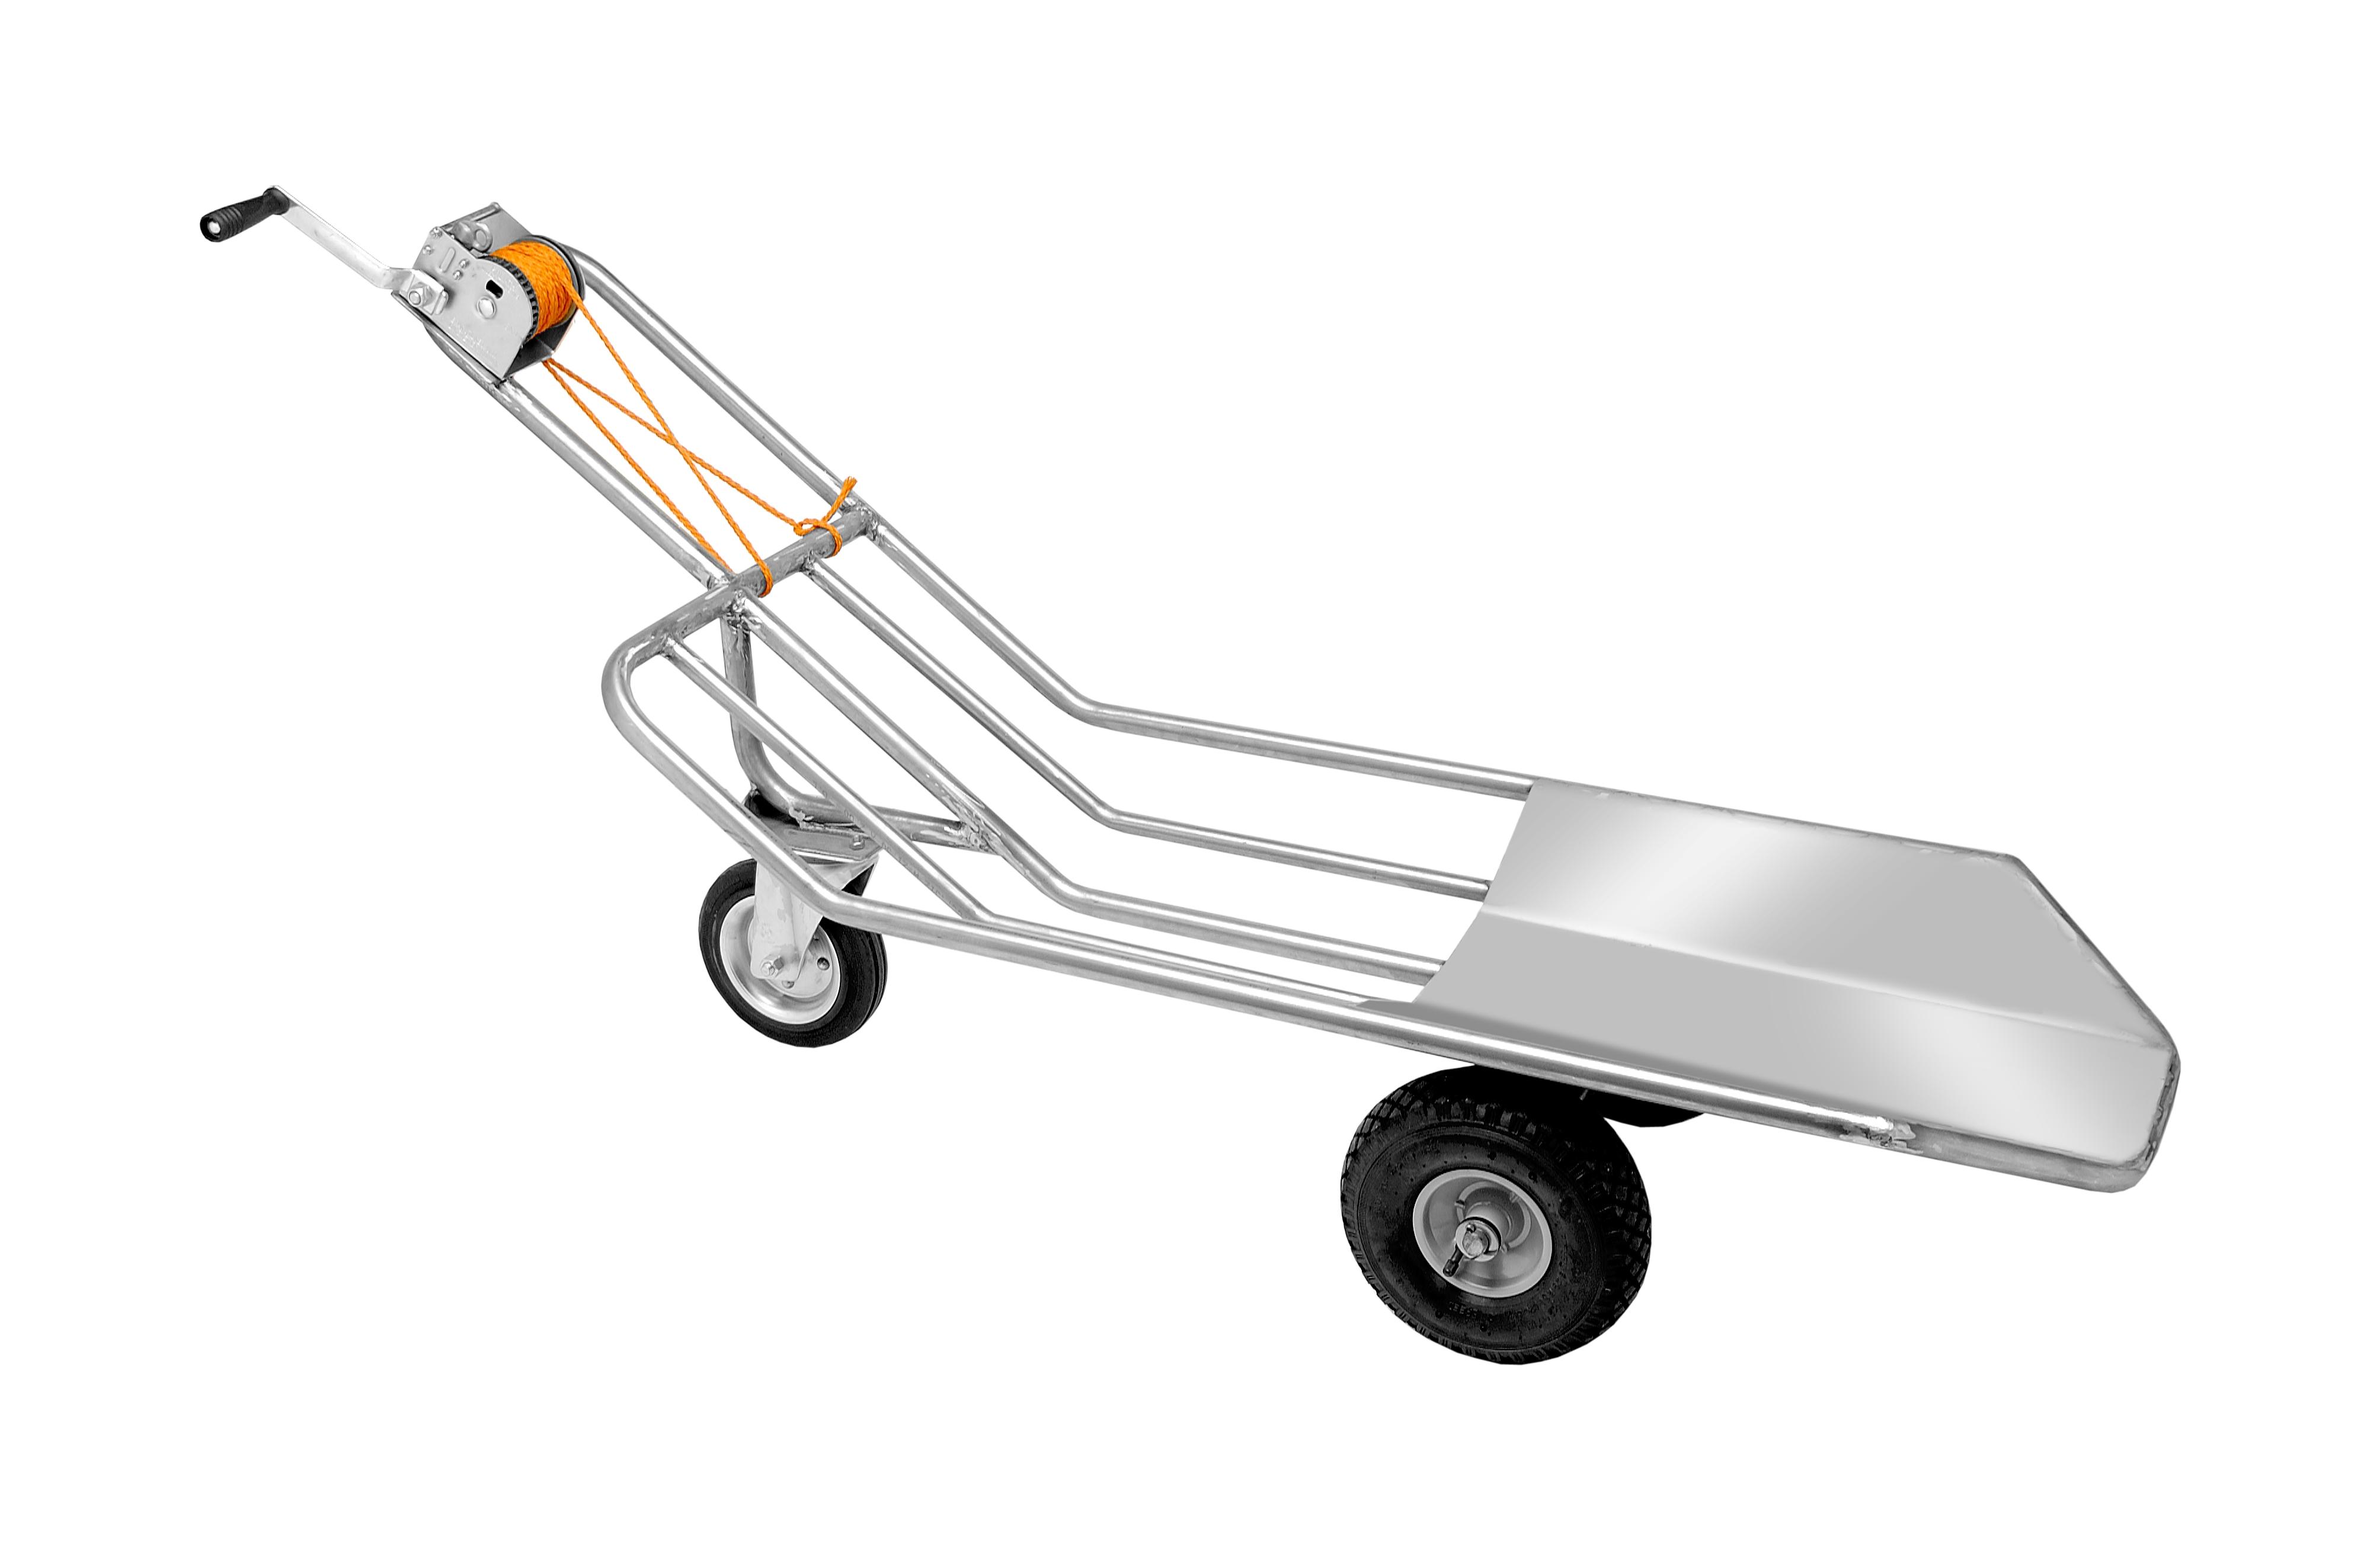 Carrello multi uso trasporto suini in acciaio inox – Codice 395